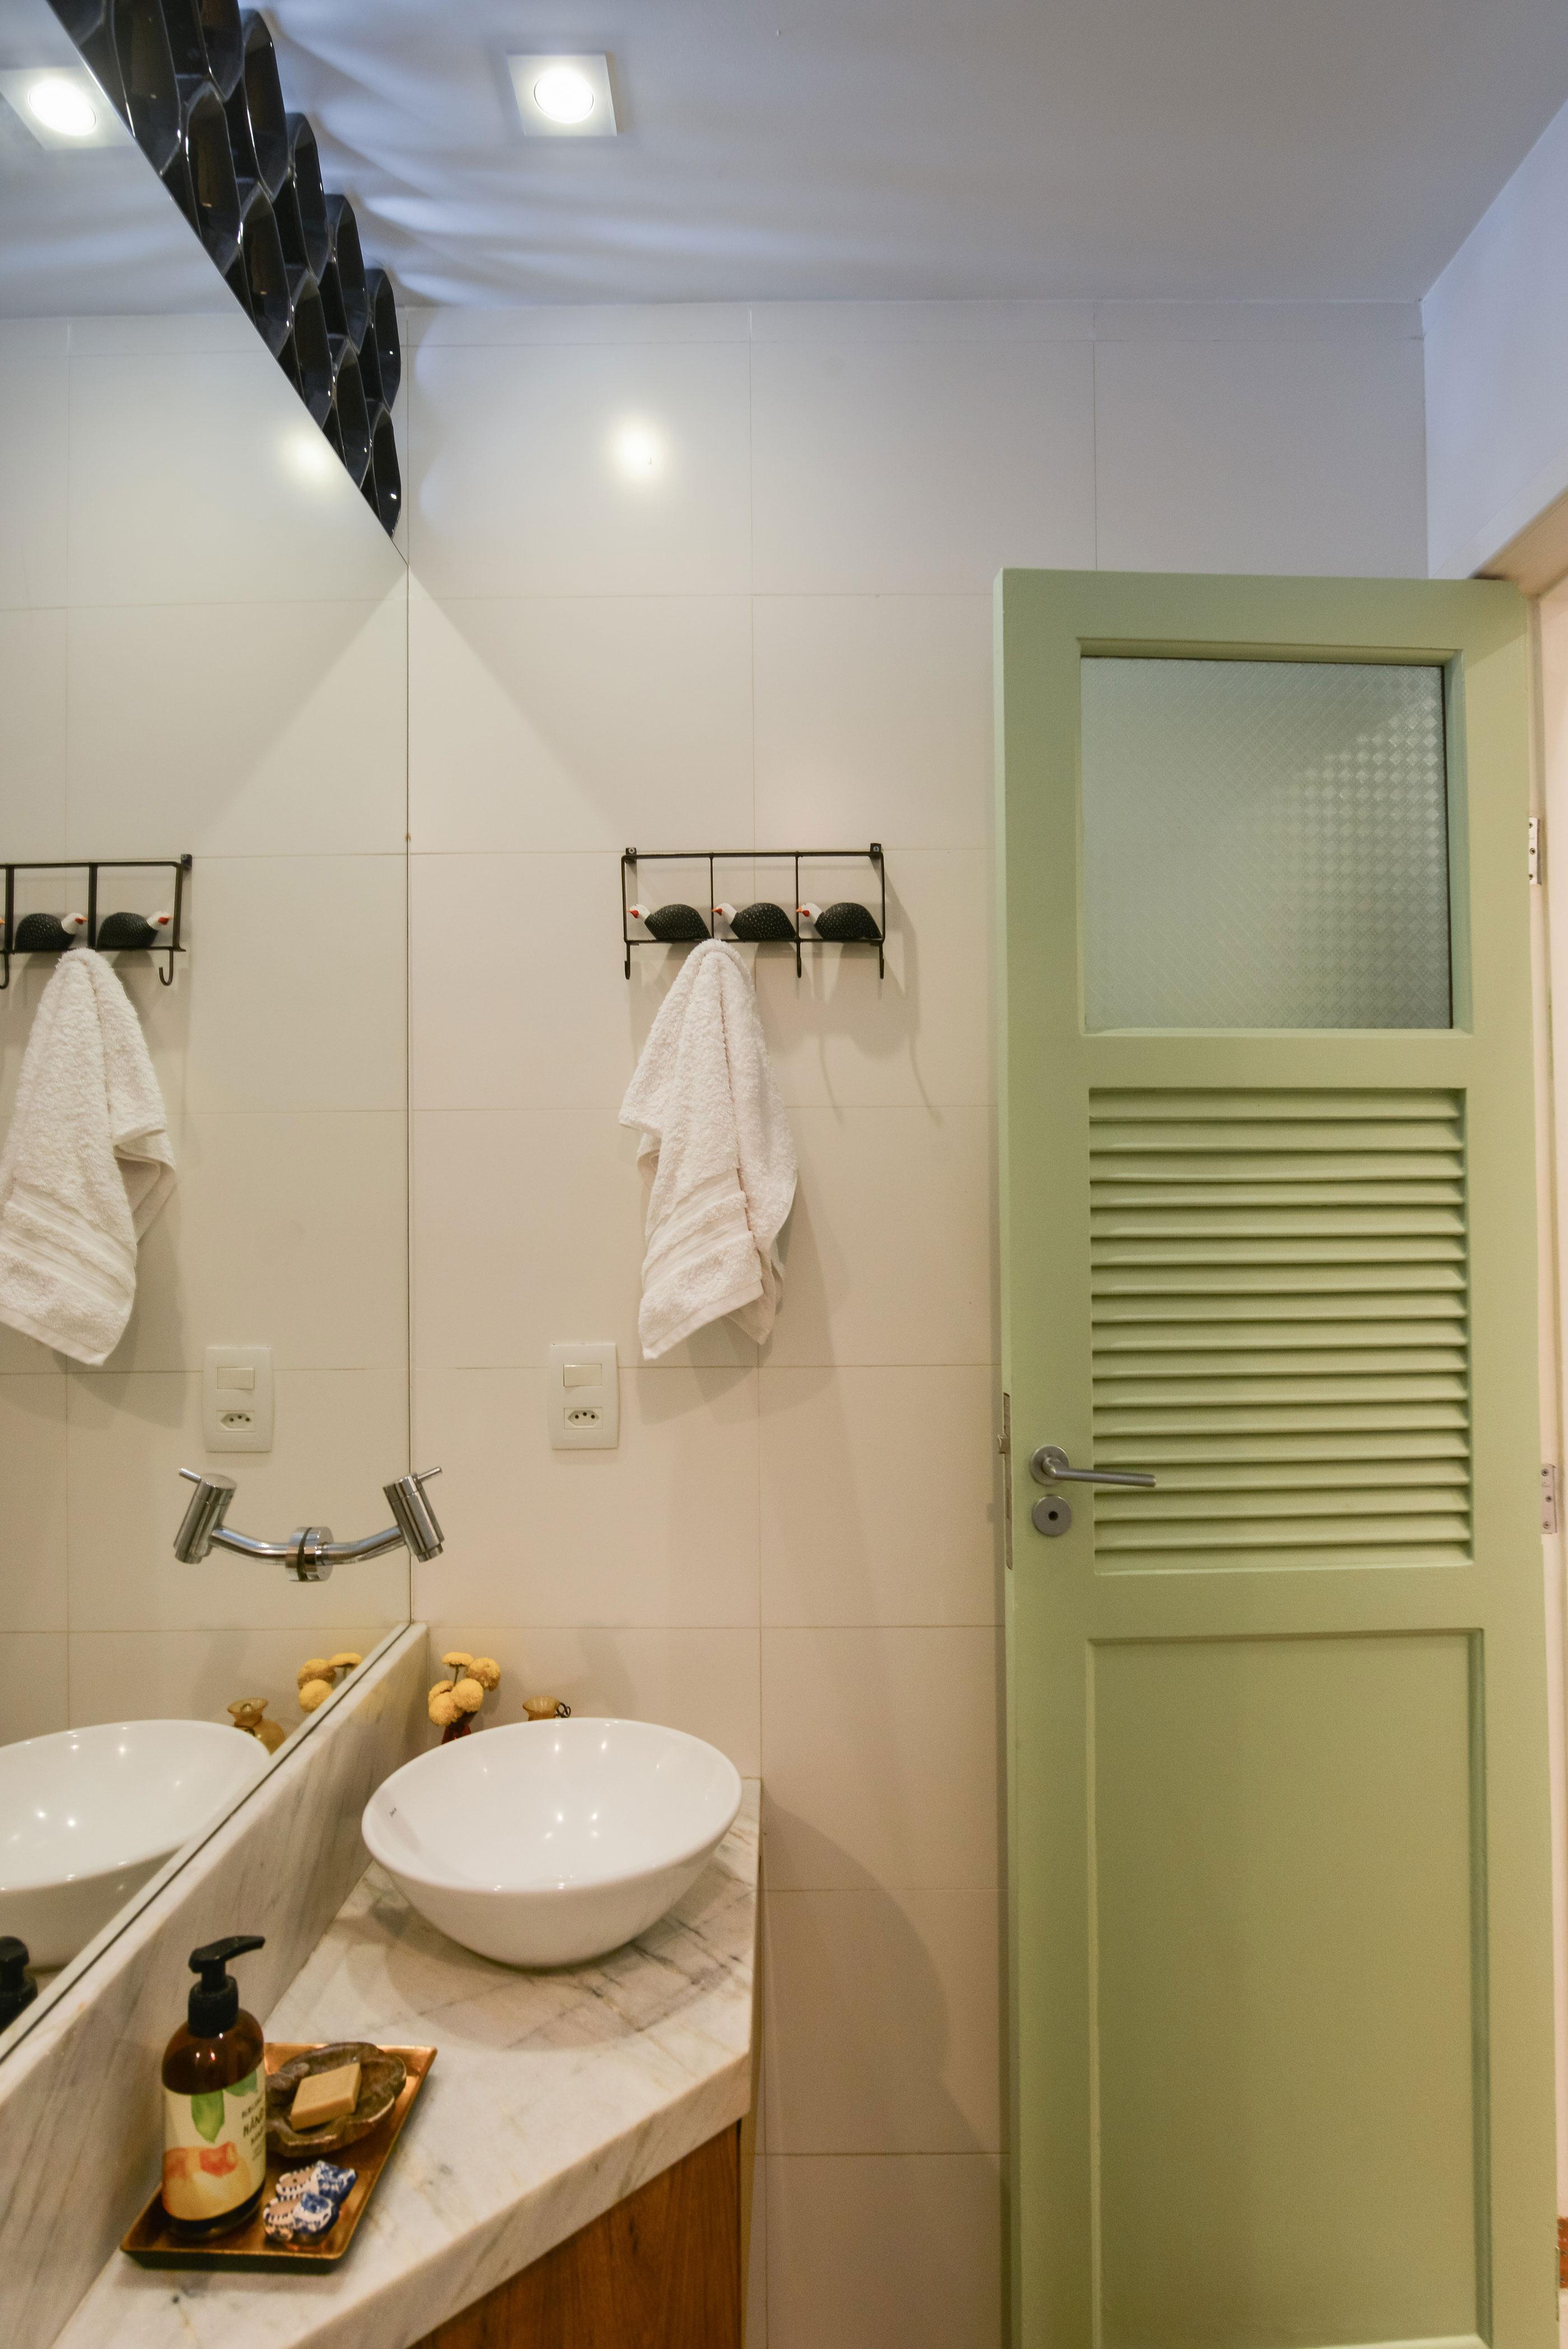 apartamento design de interiores ale amado (17)